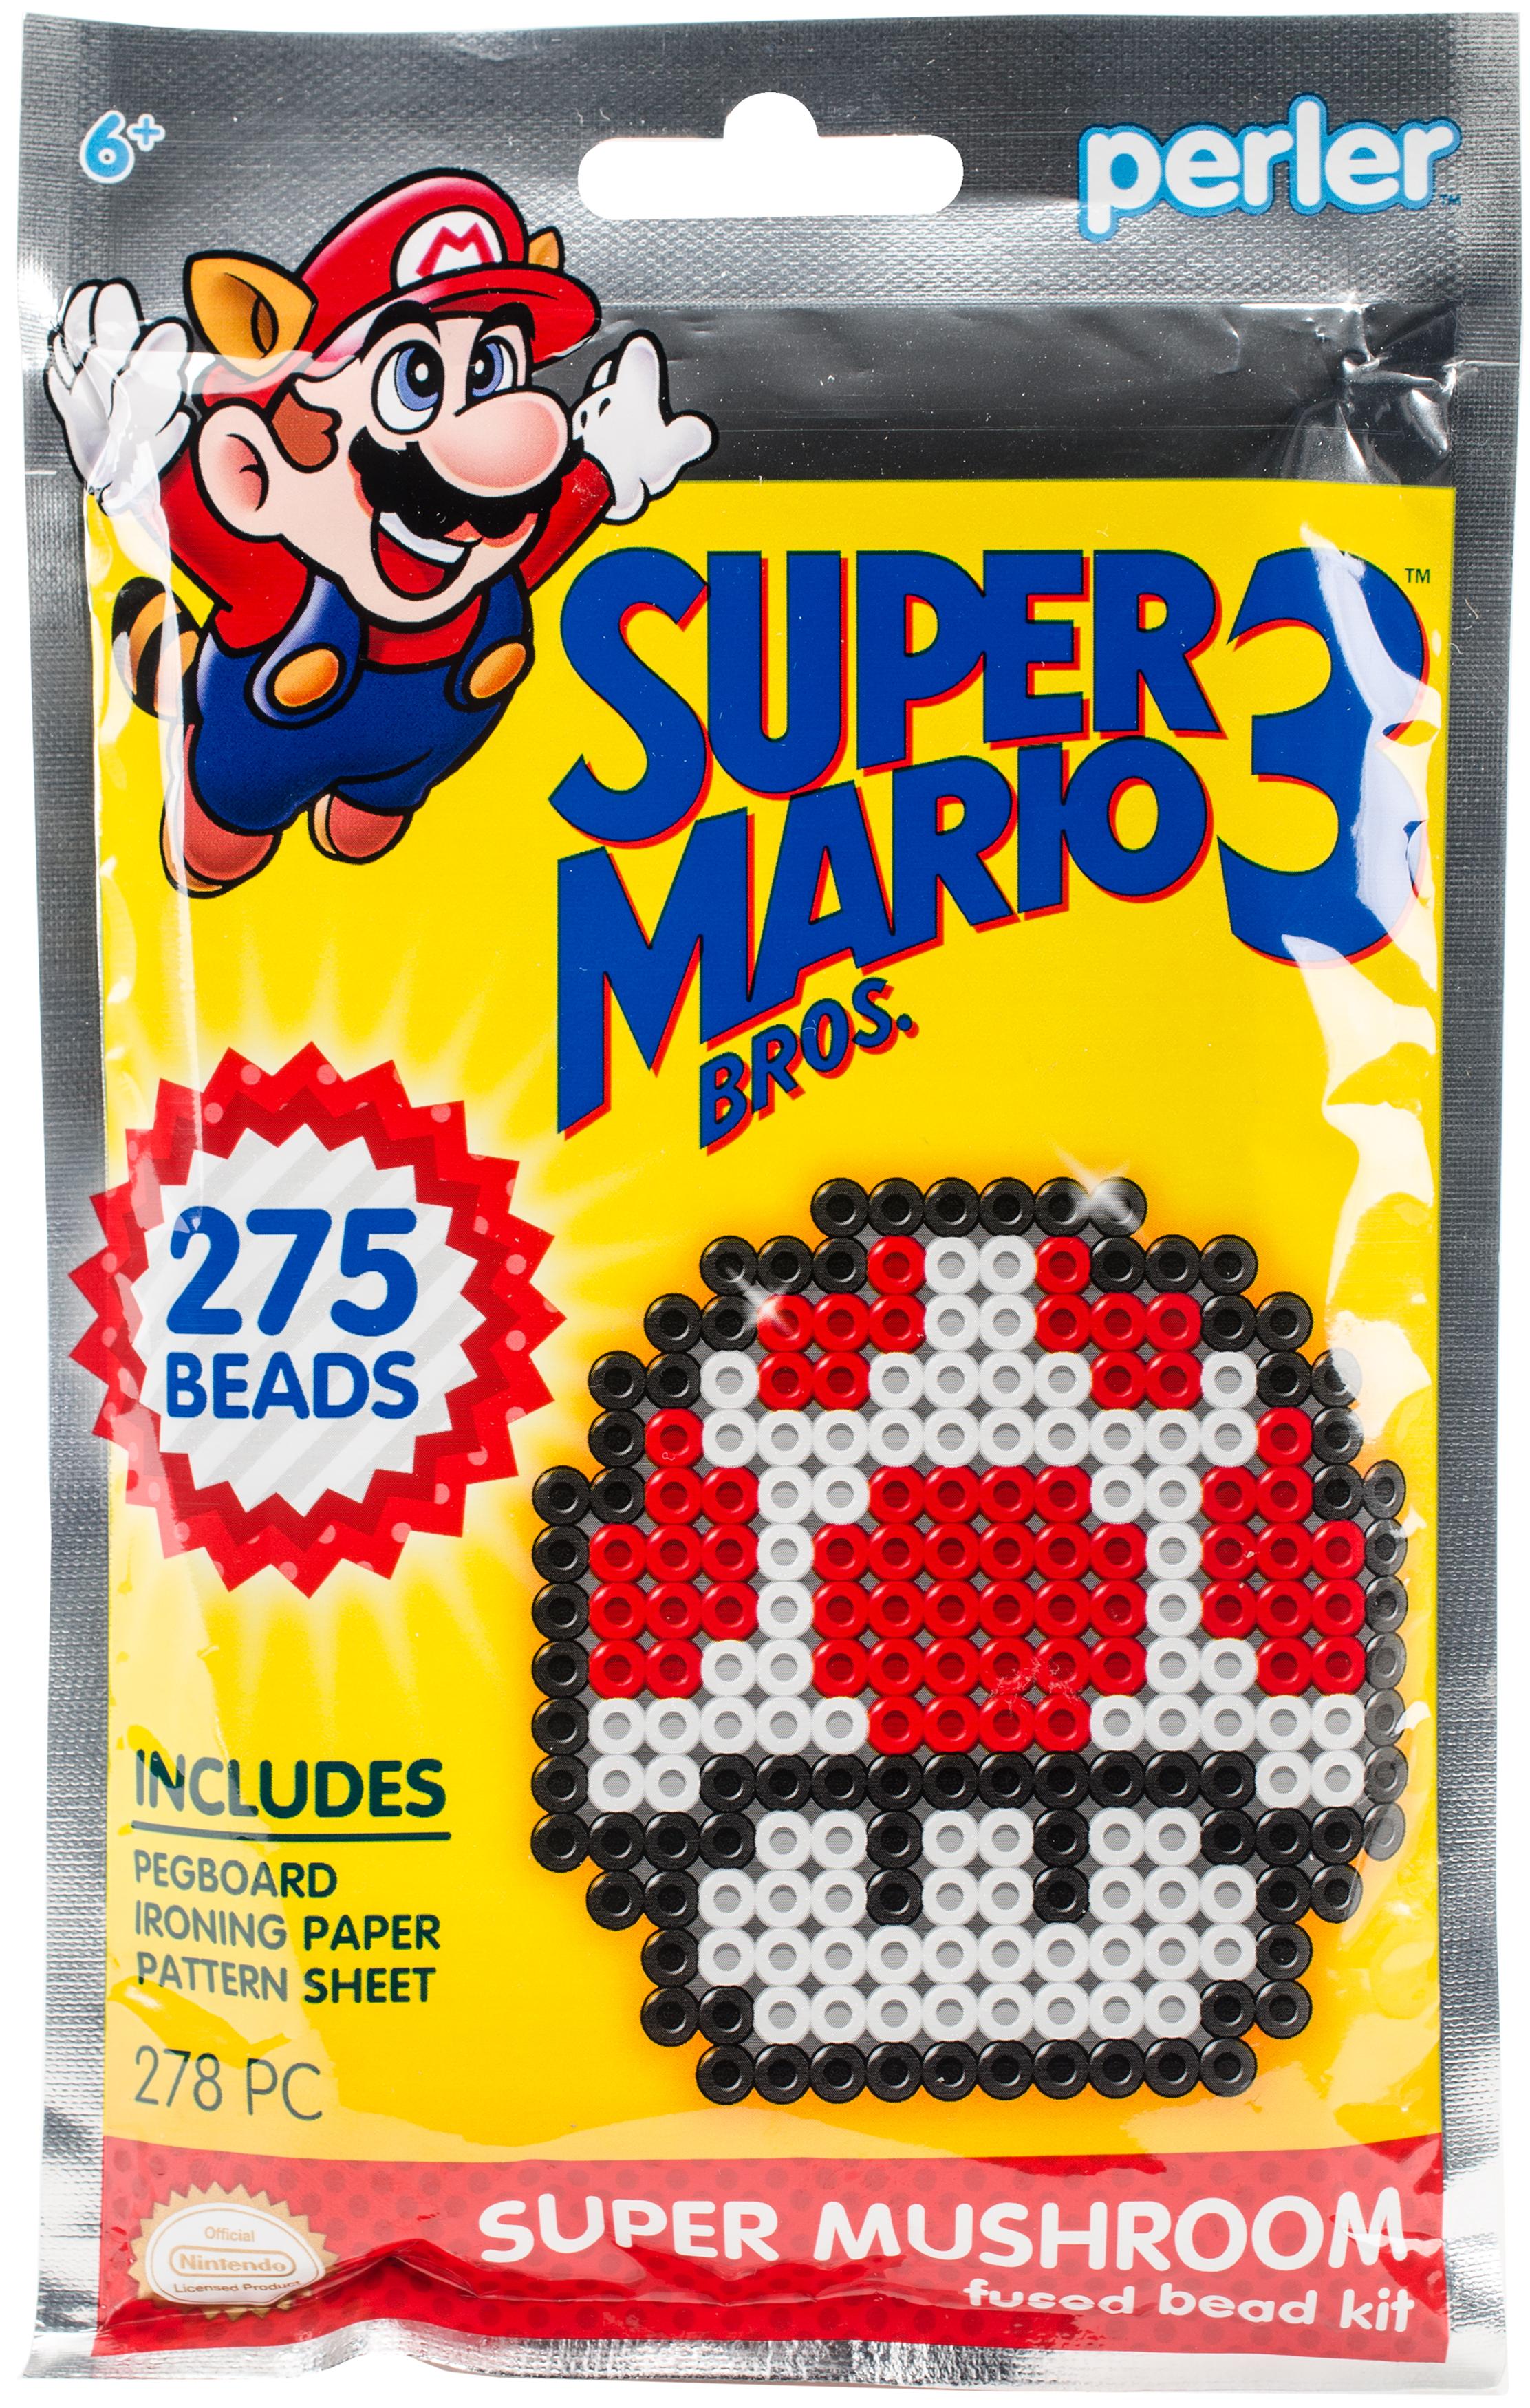 Perler Fused Bead Trial Kit-Super Mario Bros. 3 Super Mushroom